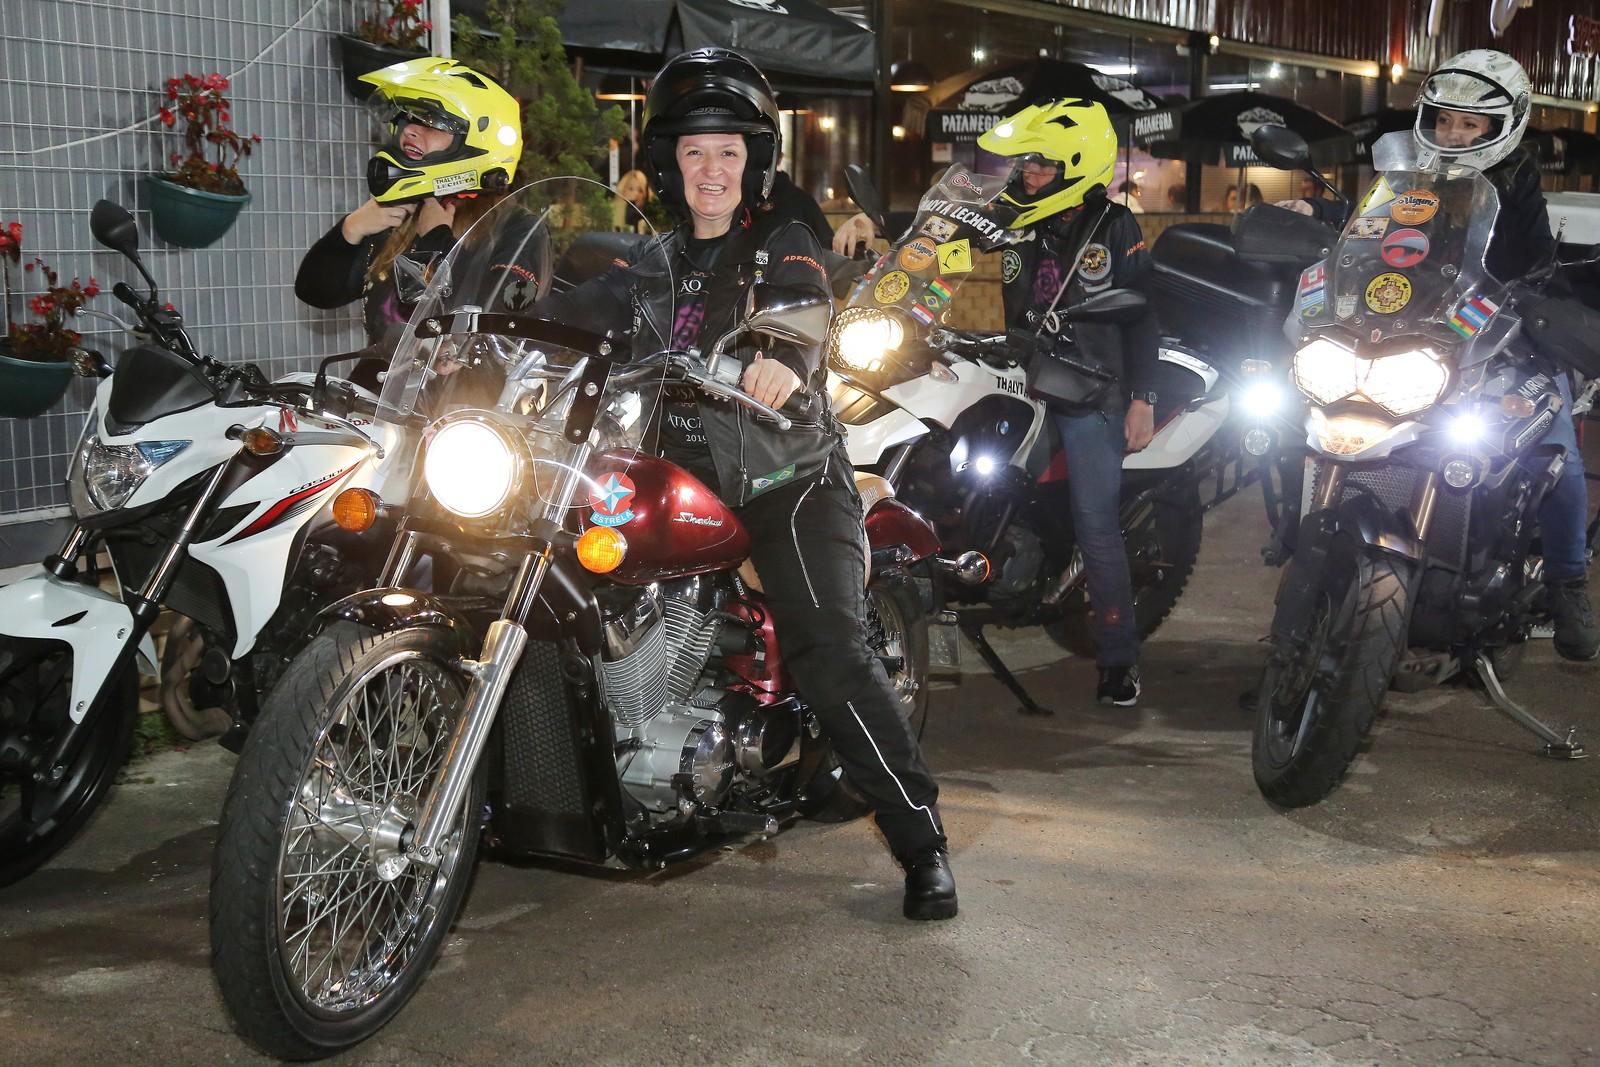 Dia Internacional da Mulher - Mulheres motociclistas - Filhas do Vento e da Liberdade - Foto: Giuliano Gomes/PRPress